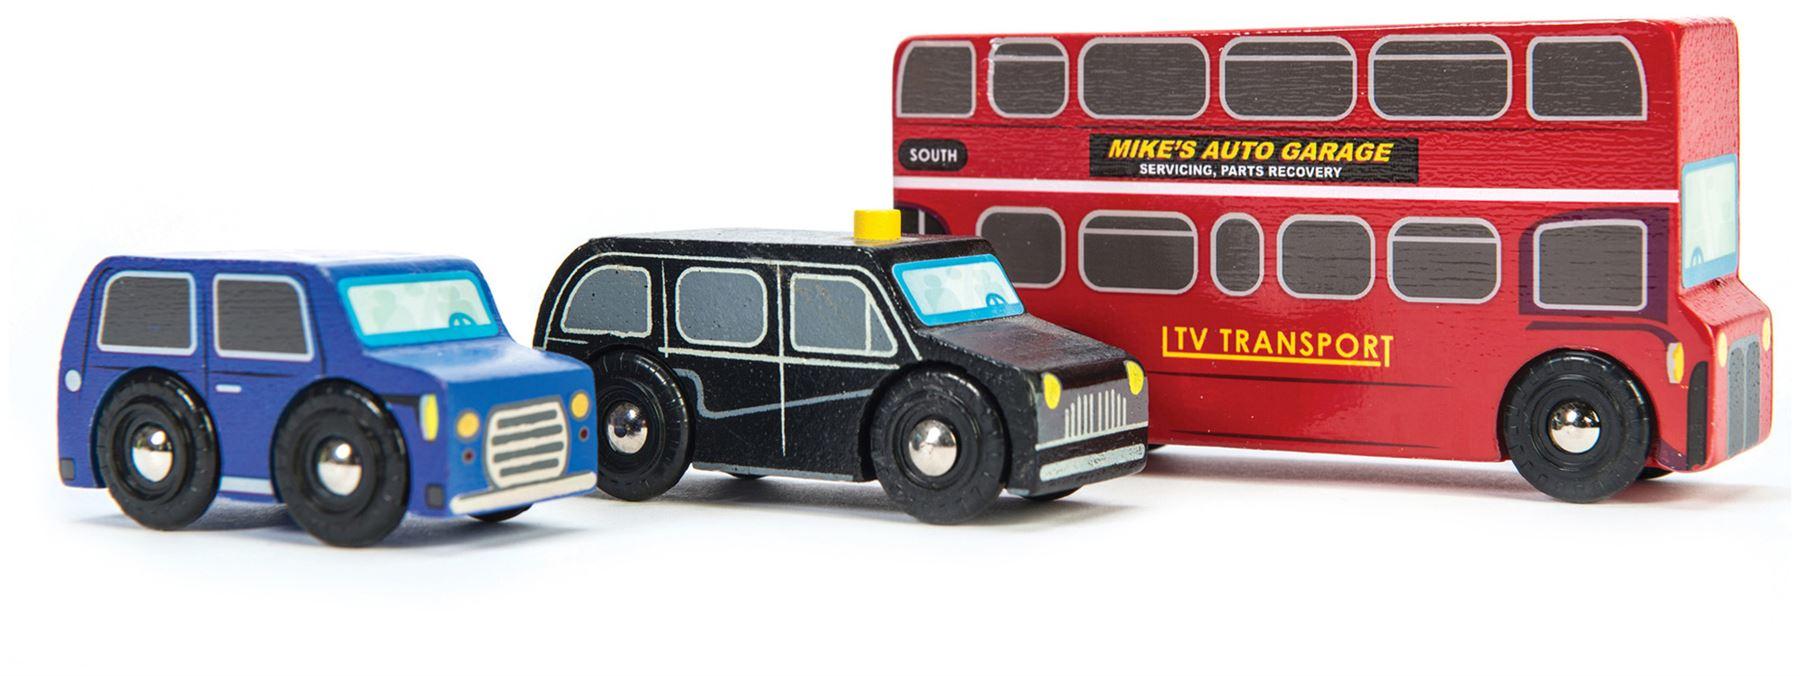 Details about Le Toy Van CARS & CONSTRUCTION LITTLE LONDON VEHICLE SET Wooden Toy BNIP